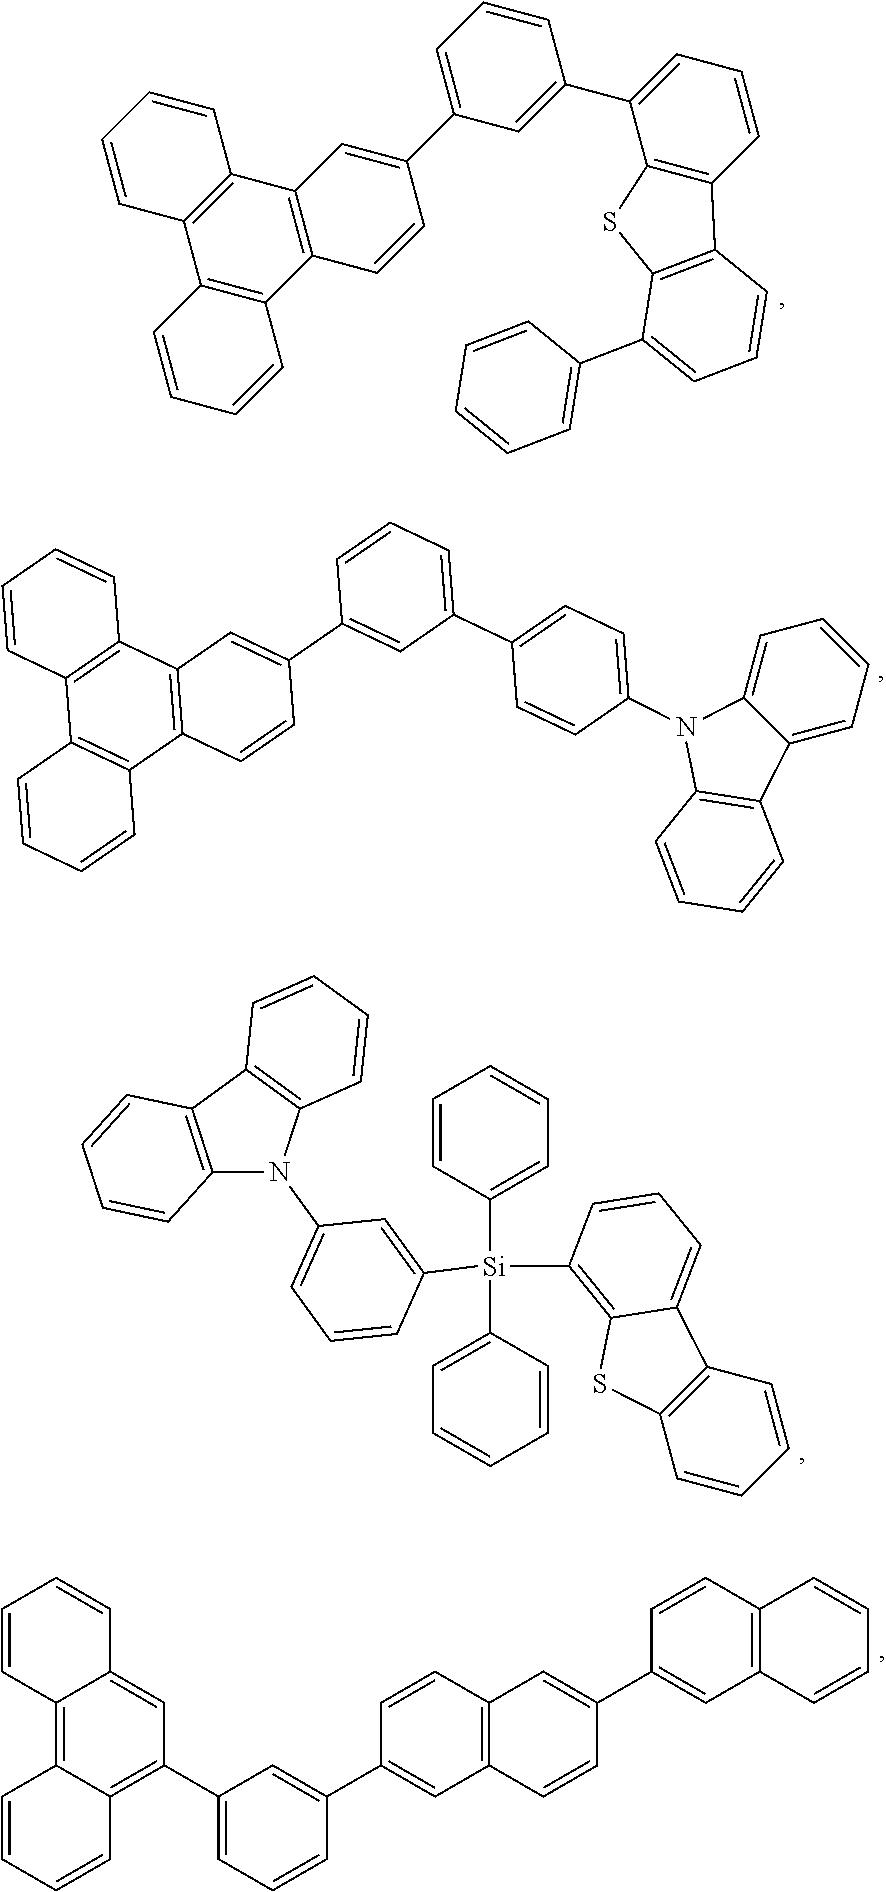 Figure US20190161504A1-20190530-C00018